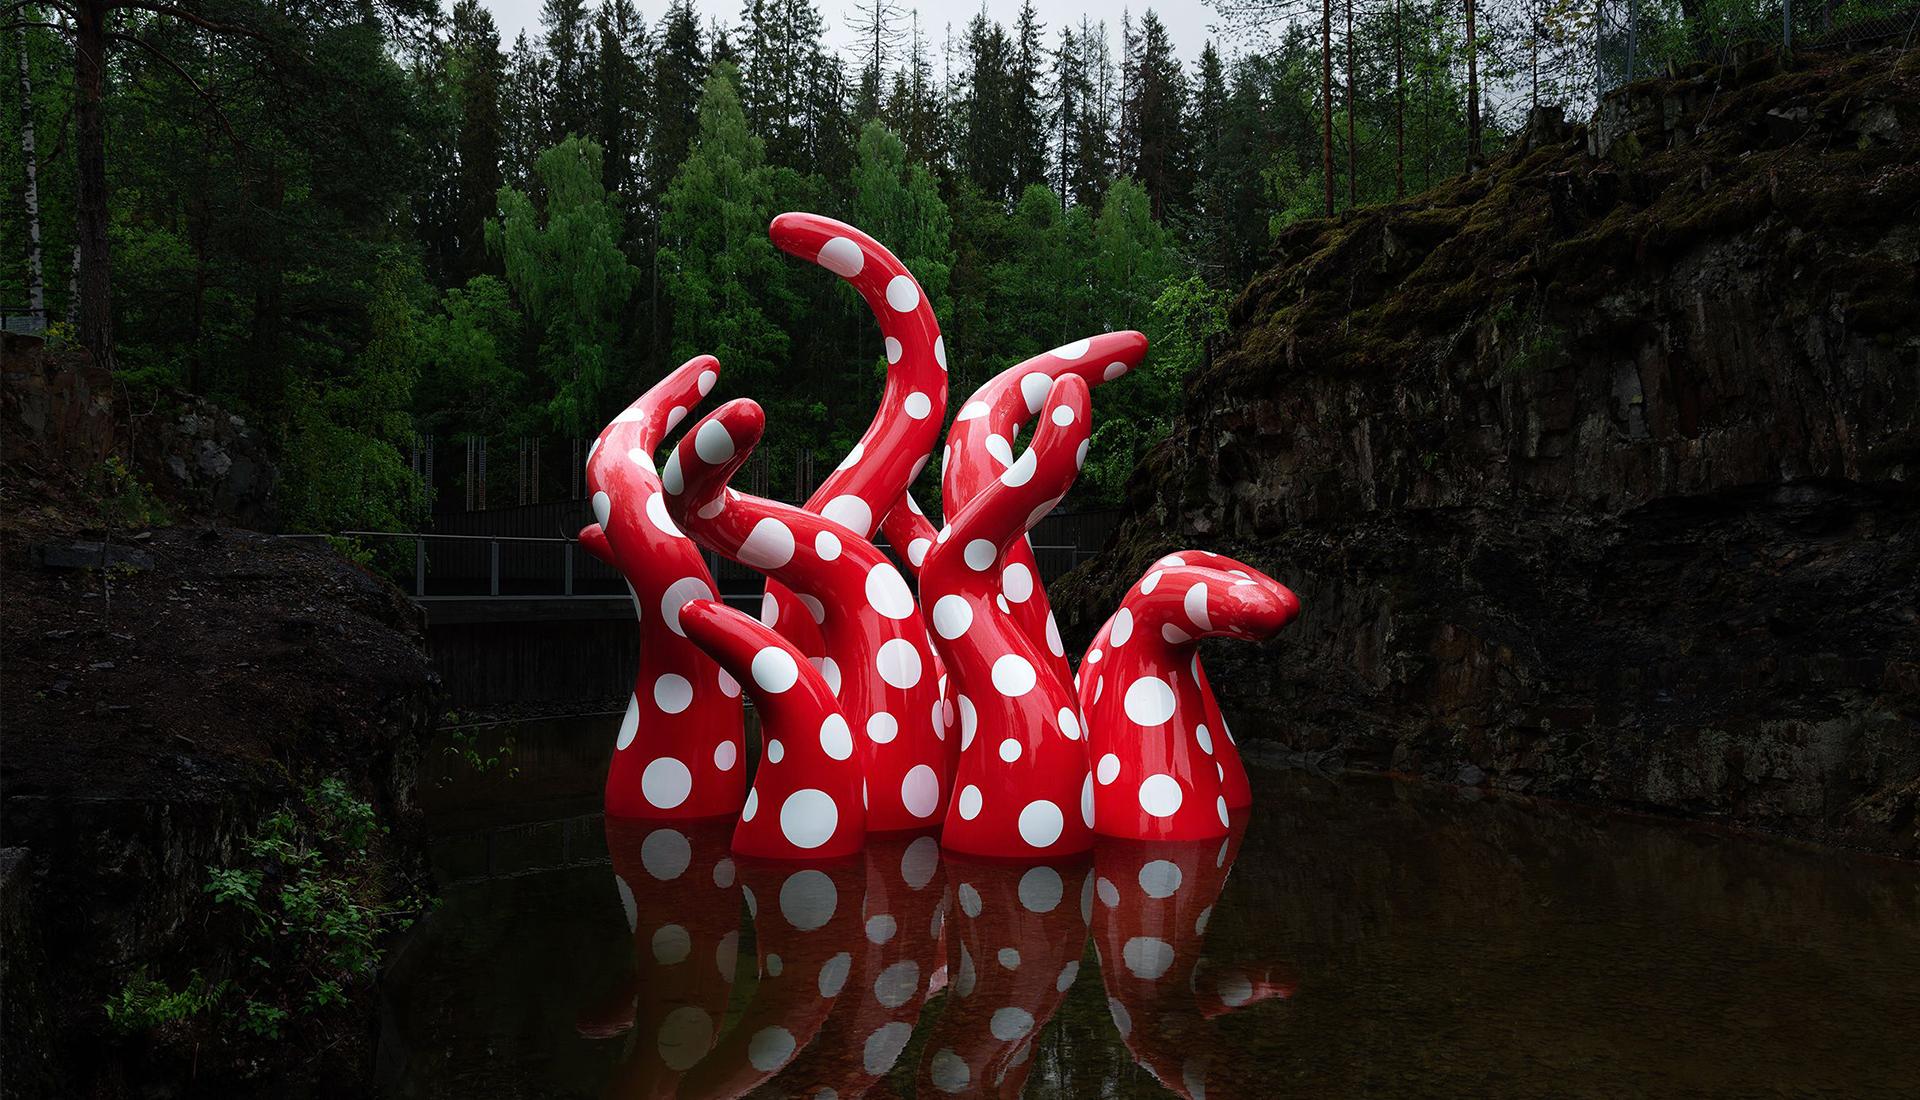 Парк скульптур Кистефос в Норвегии